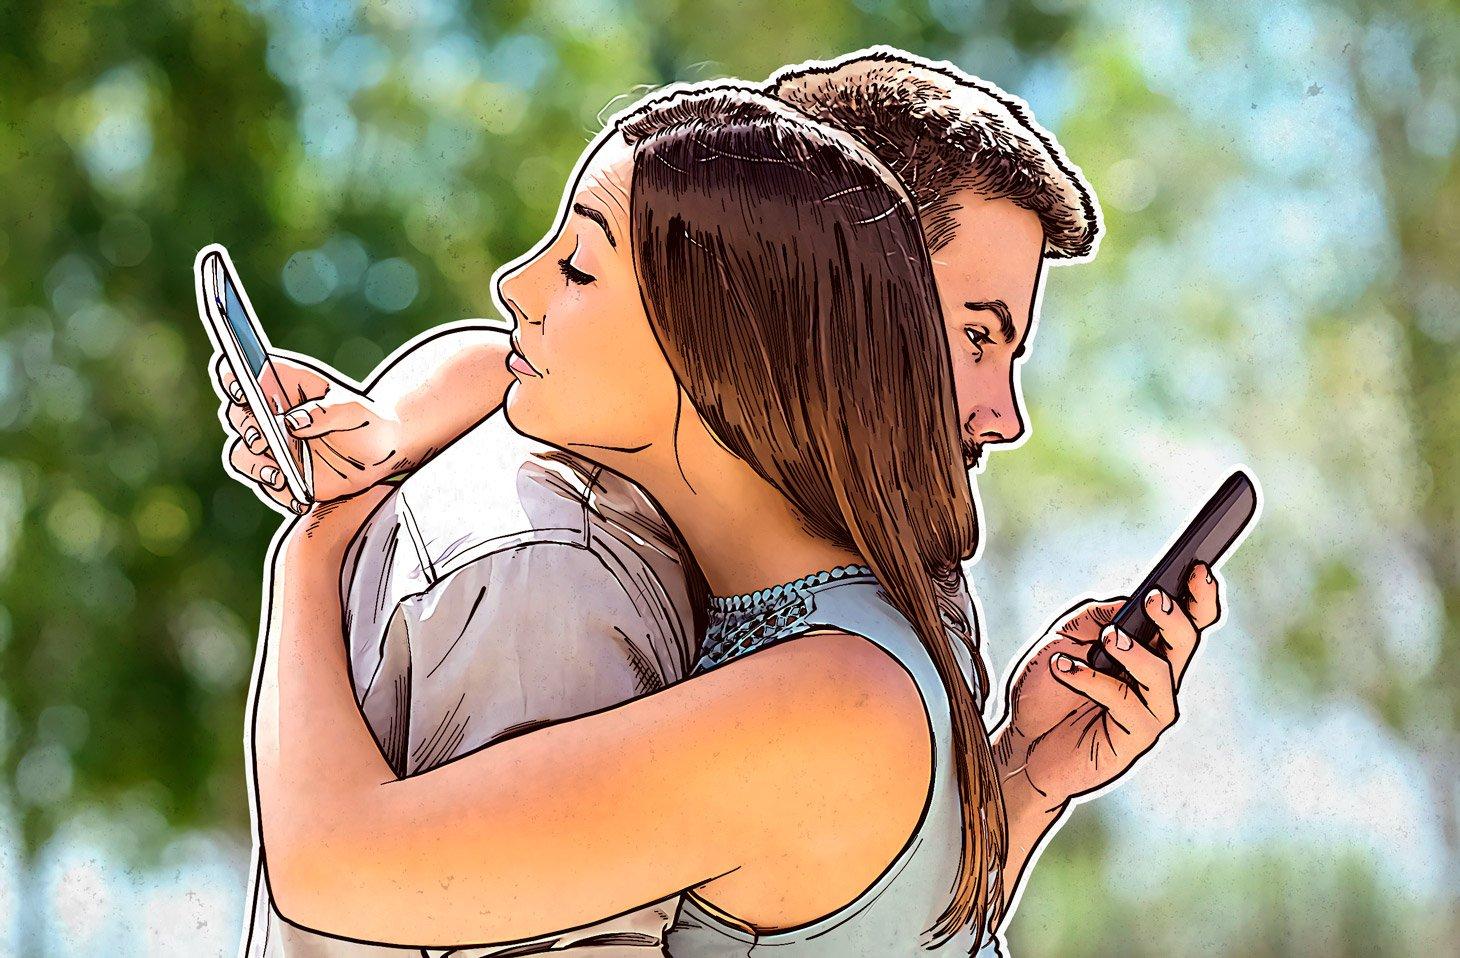 Despartirile amoroase ne pun in pericol informatiile private